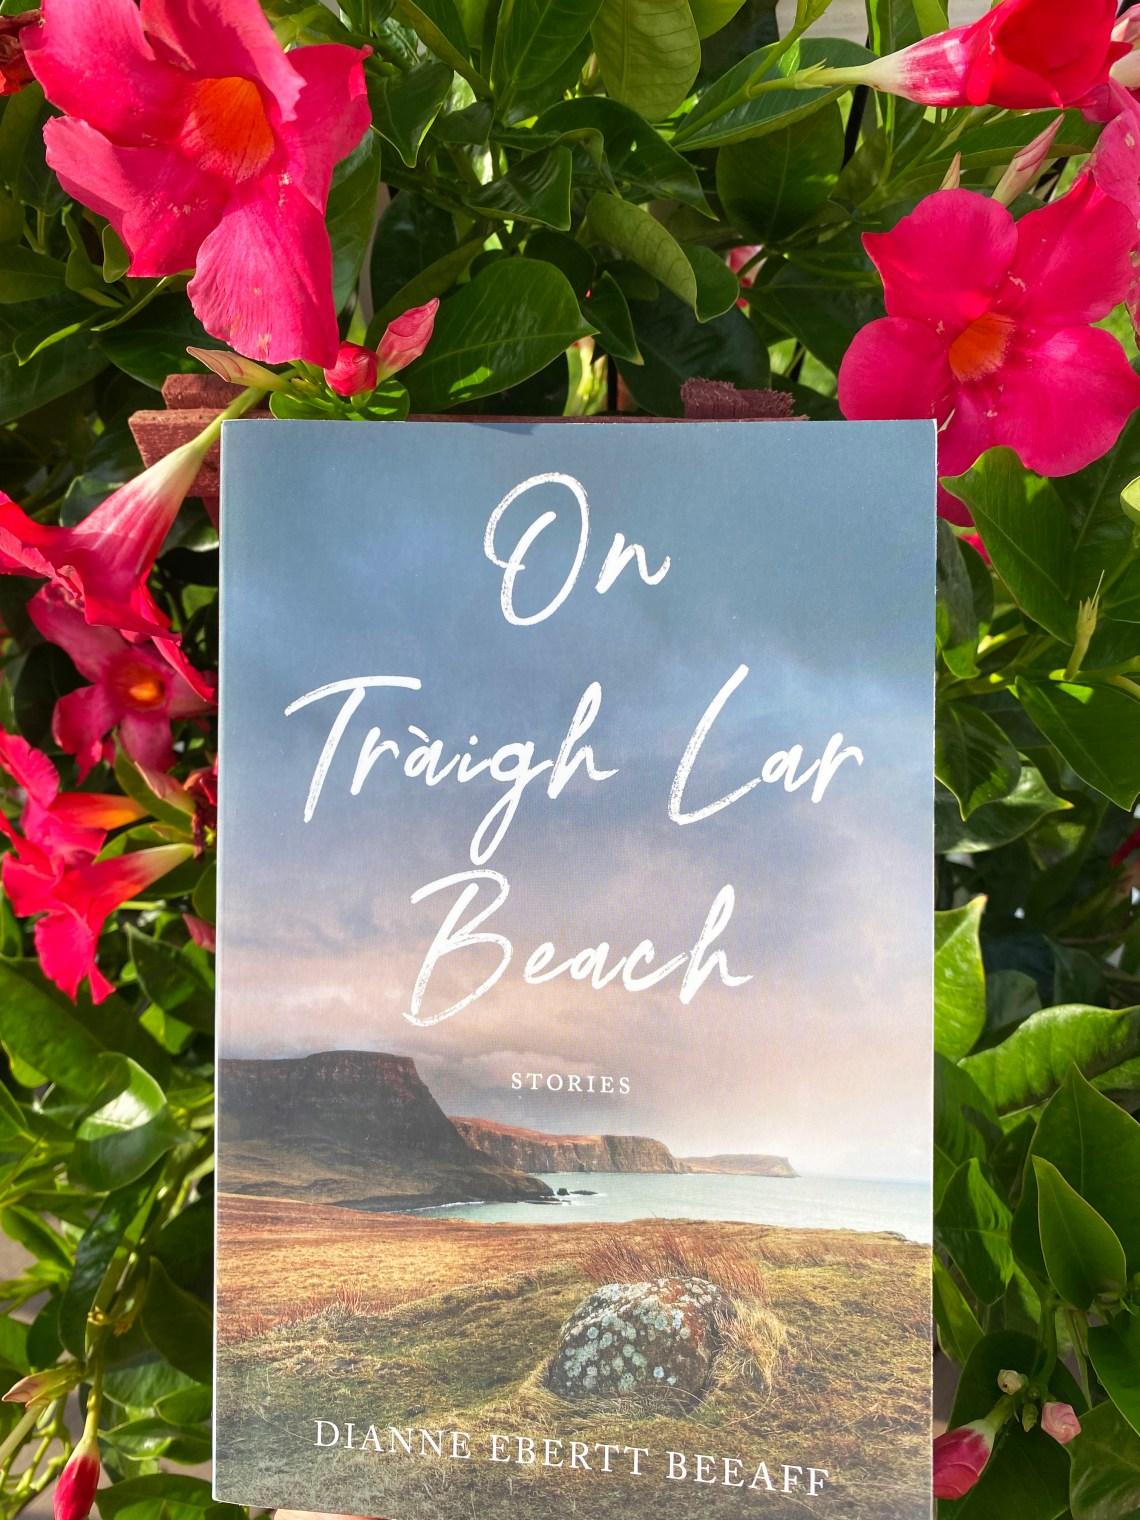 On-Traigh-Lar-Beach